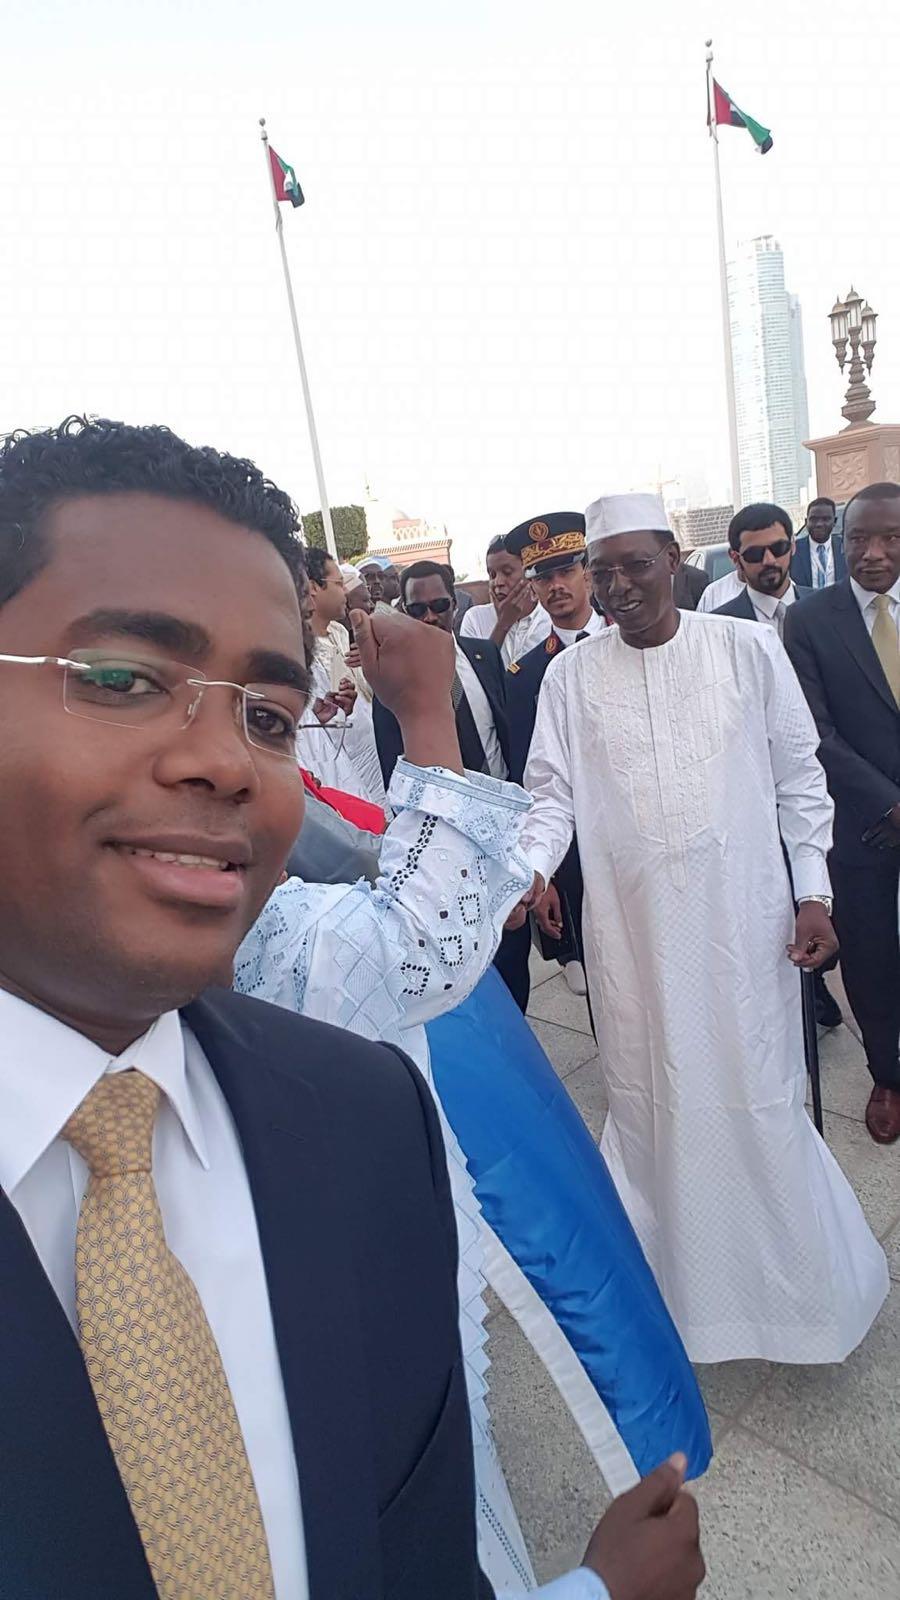 Emirats arabes unis: Le Président tchadien poursuit sa visite